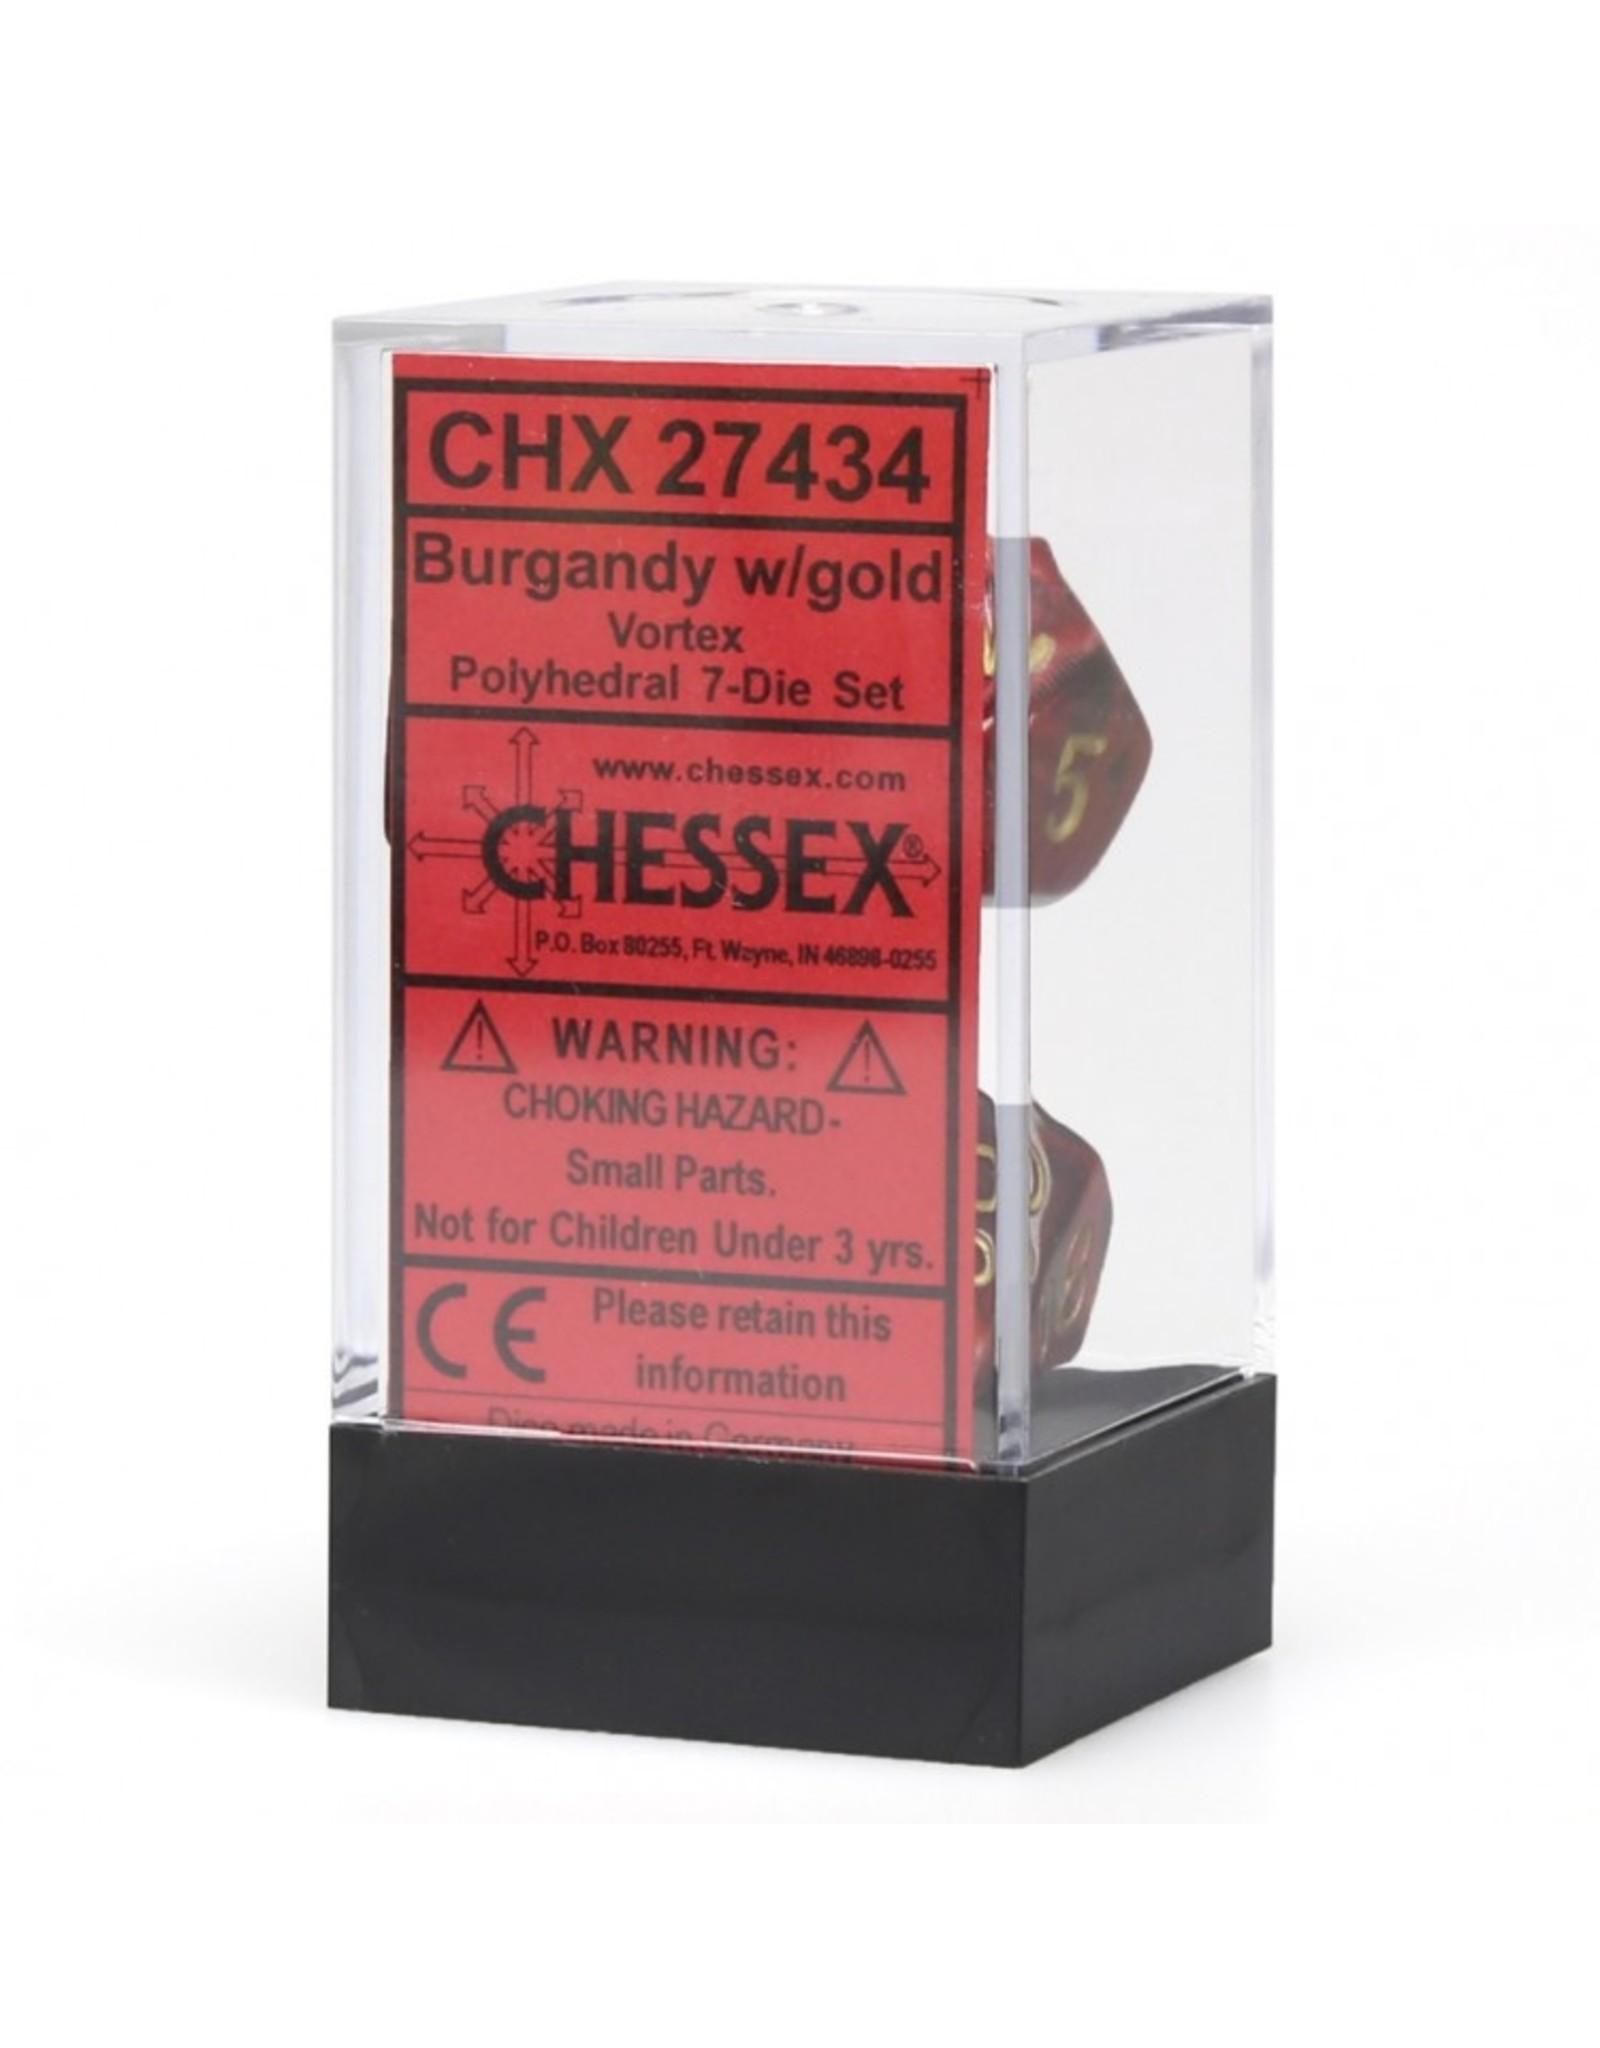 Chessex 7-Set Polyhedral Vortex Dice - Burgundy/Gold